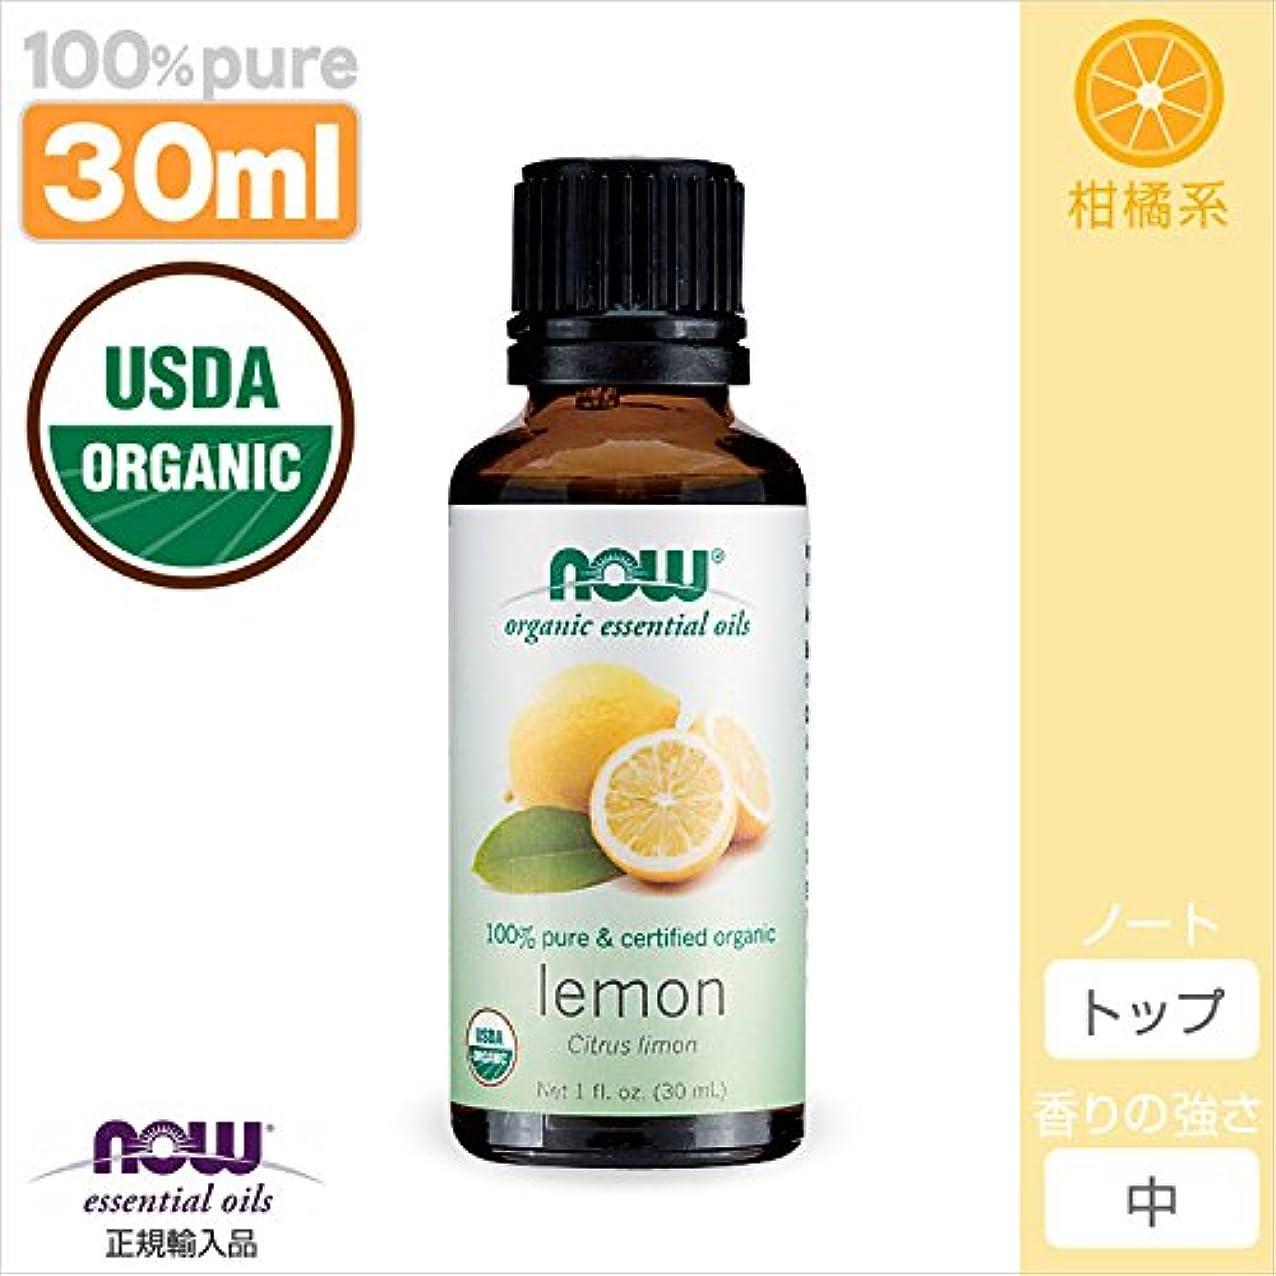 見つけた保守可能同行レモン精油オーガニック[30ml] 【正規輸入品】 NOWエッセンシャルオイル(アロマオイル)